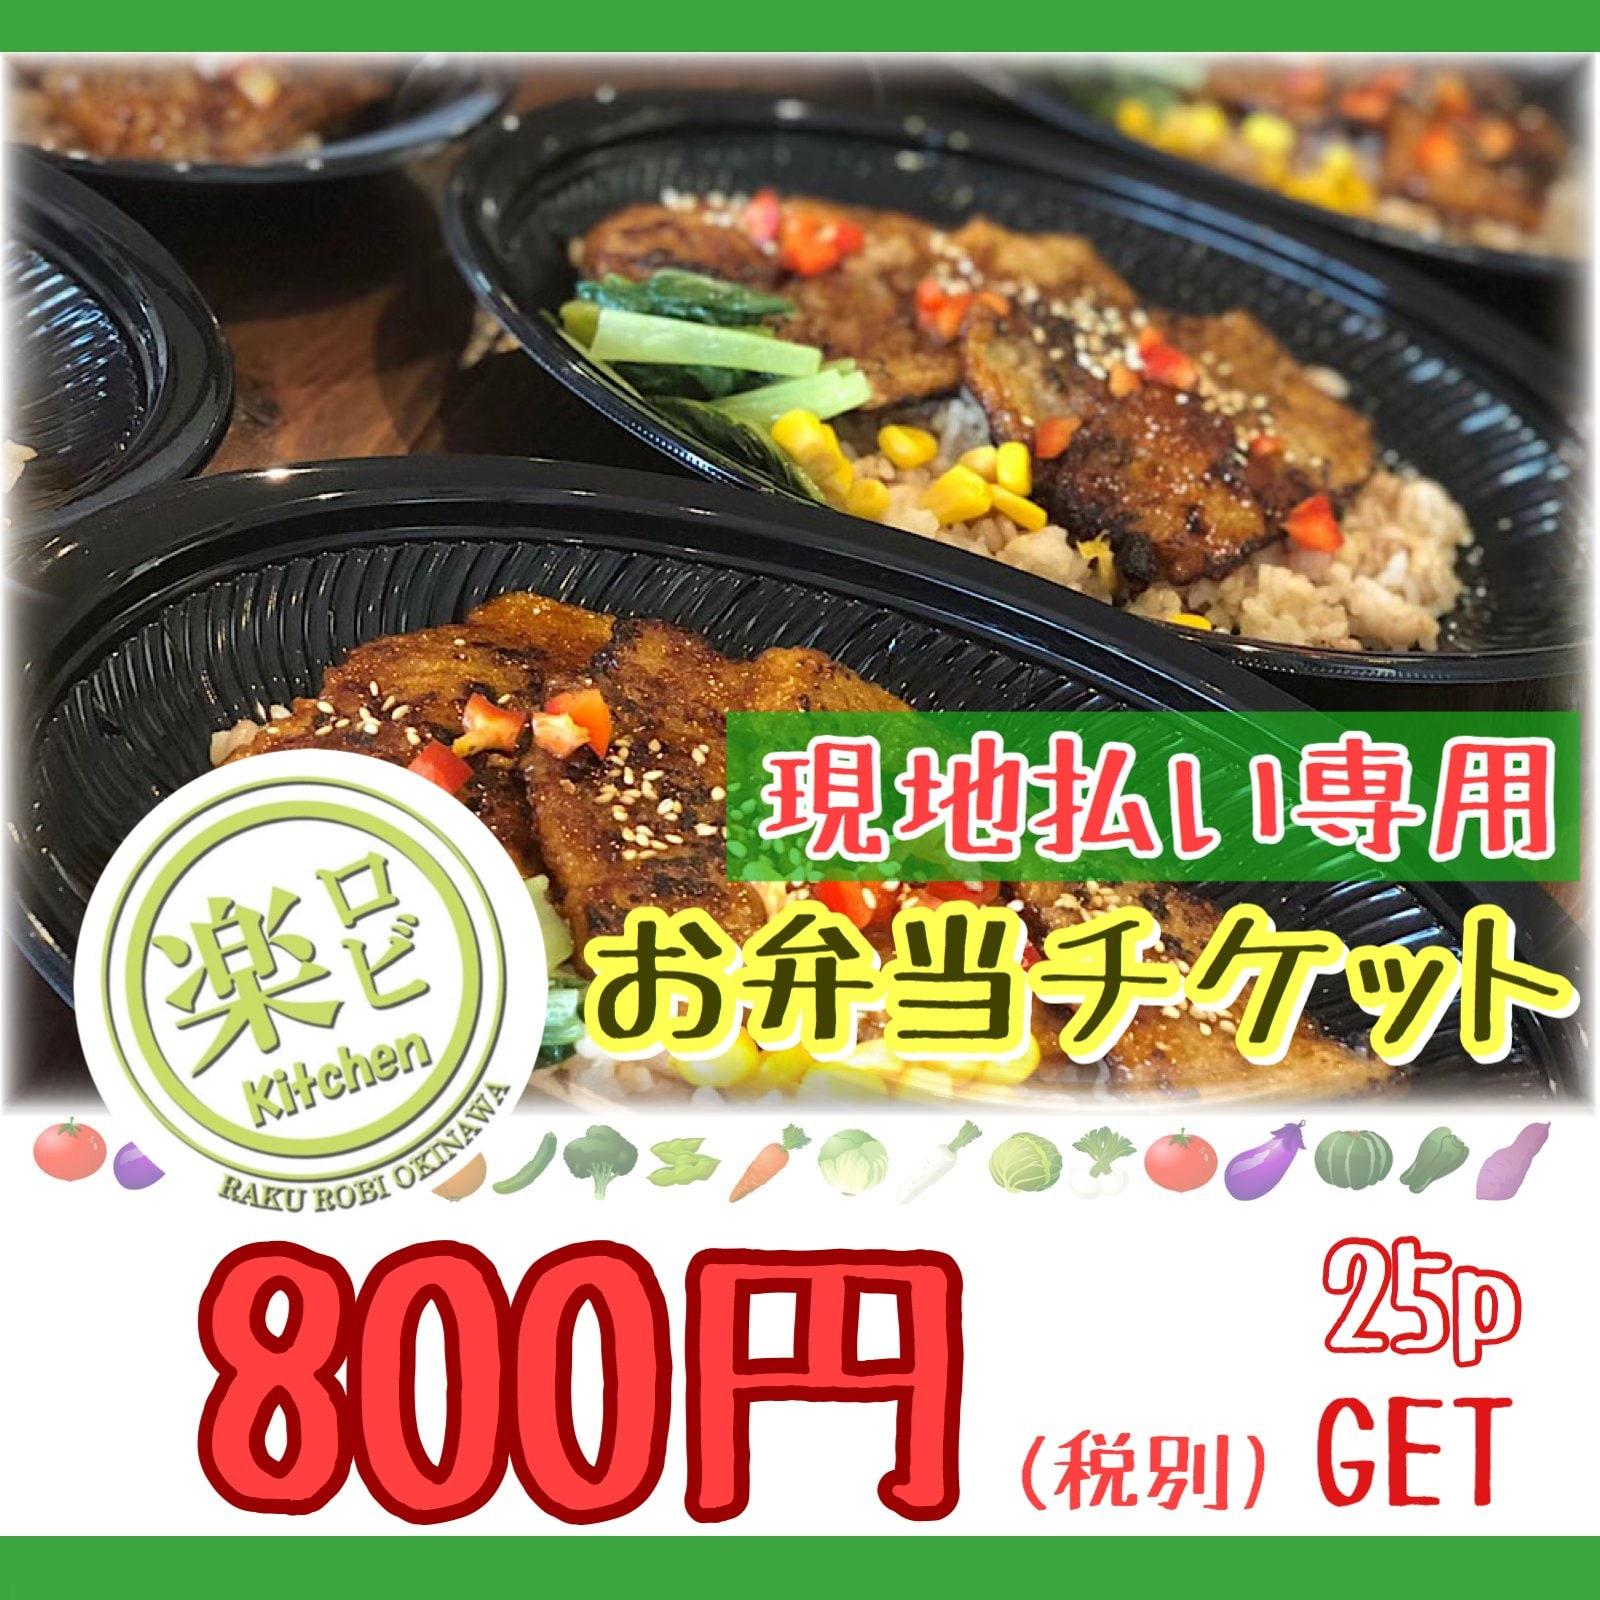 【現地払い専用】800円お弁当チケットのイメージその1